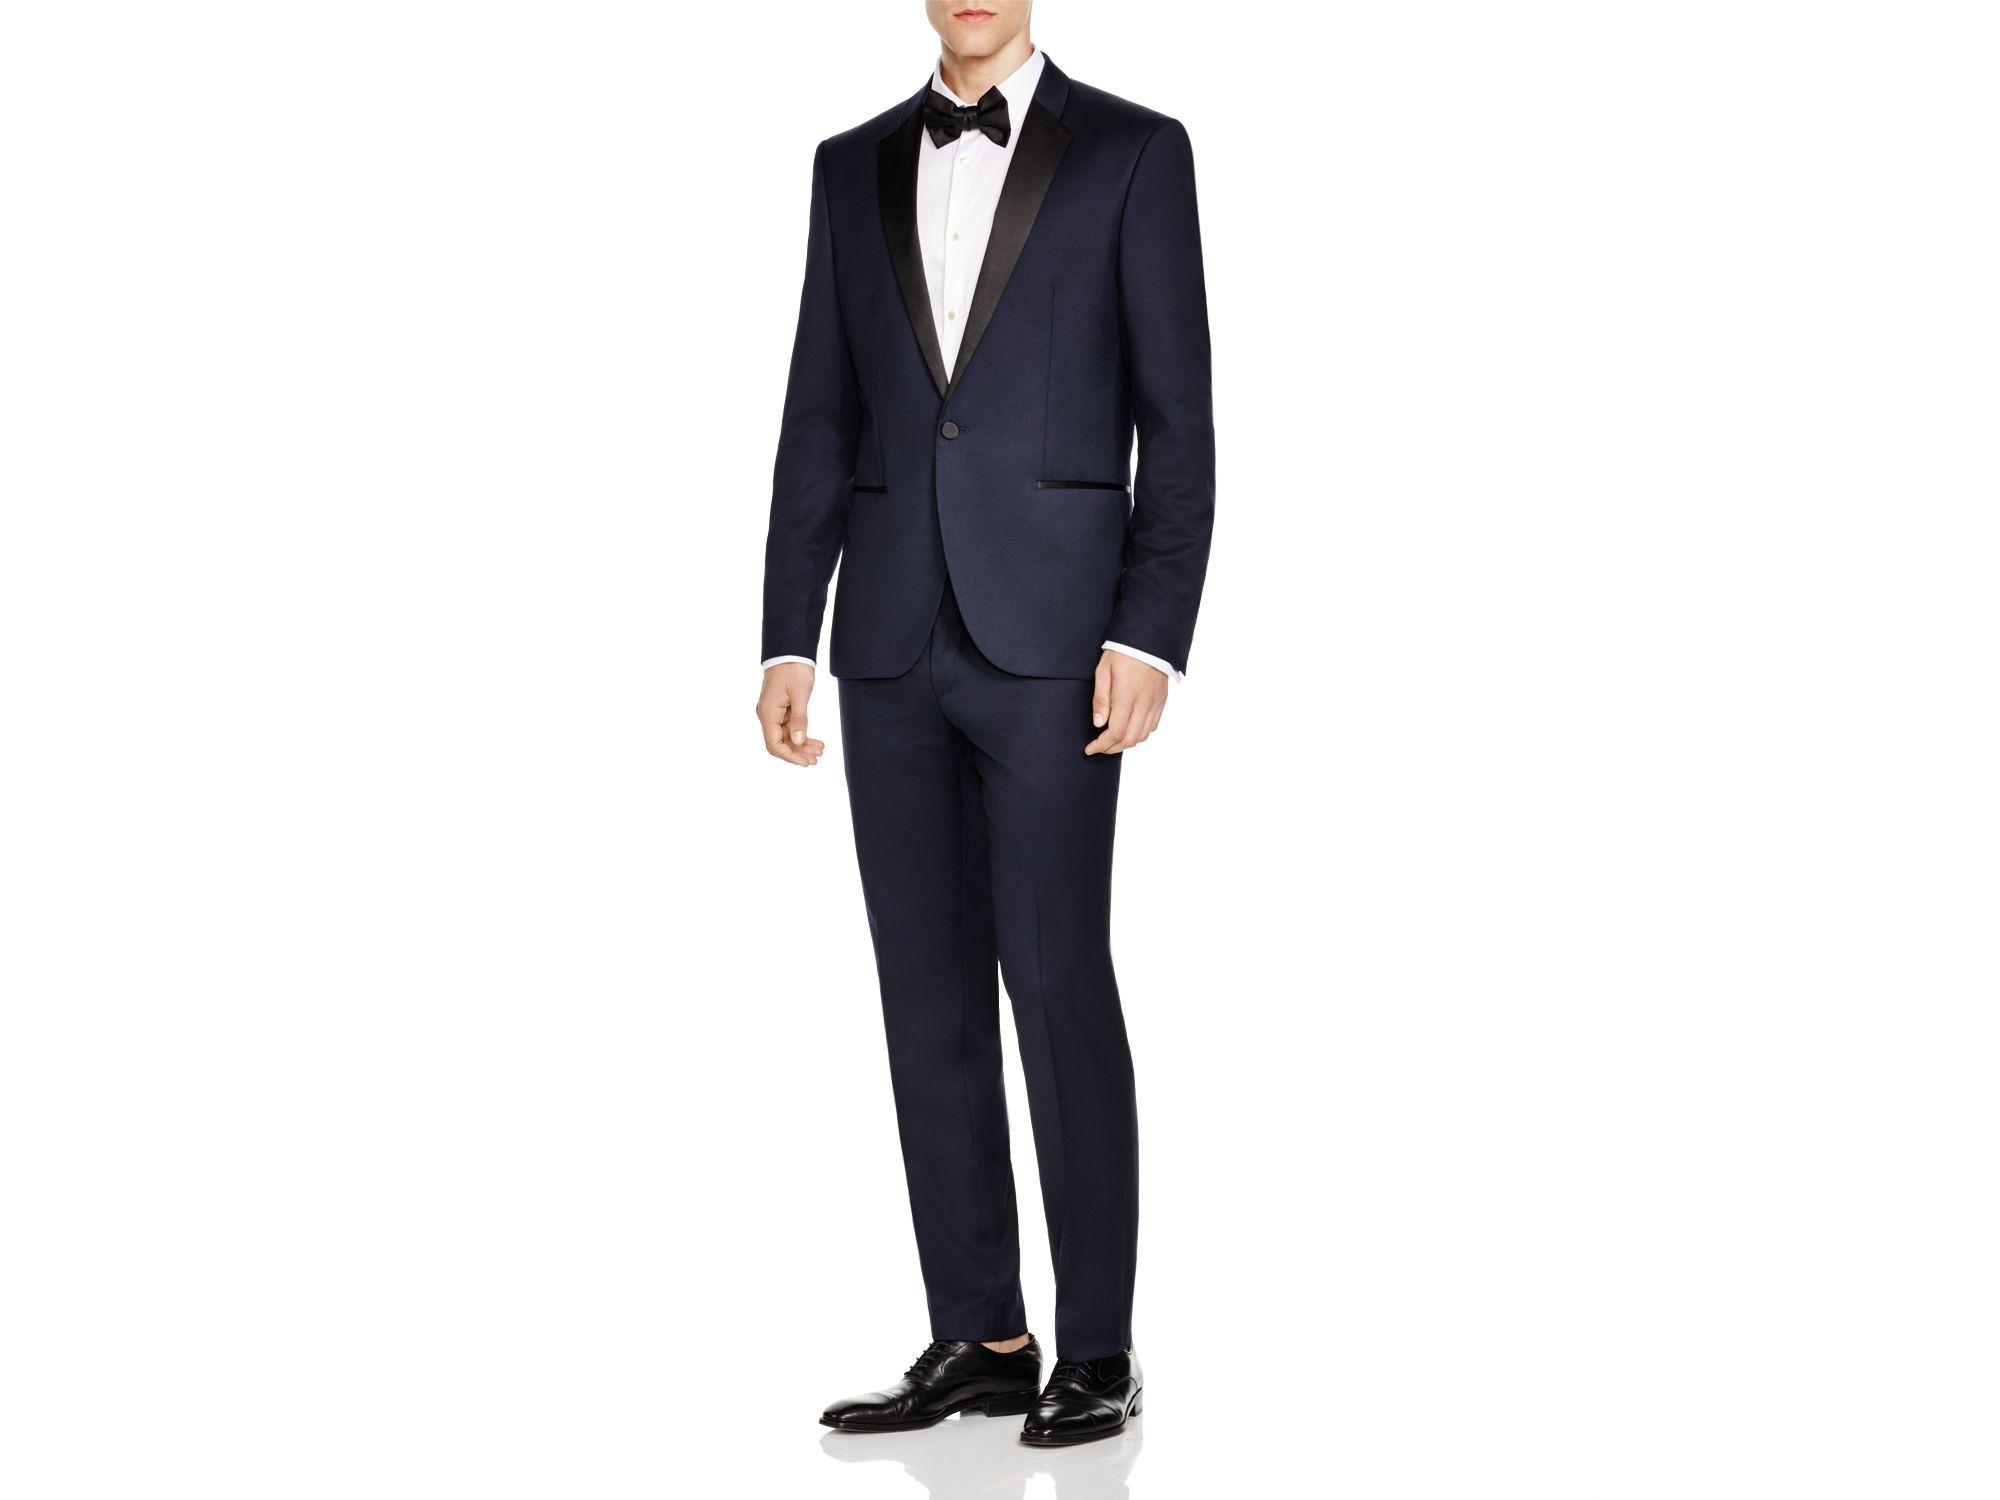 hugo boss navy hugo slim fit tuxedo jacket blue product 2 759175541. Black Bedroom Furniture Sets. Home Design Ideas